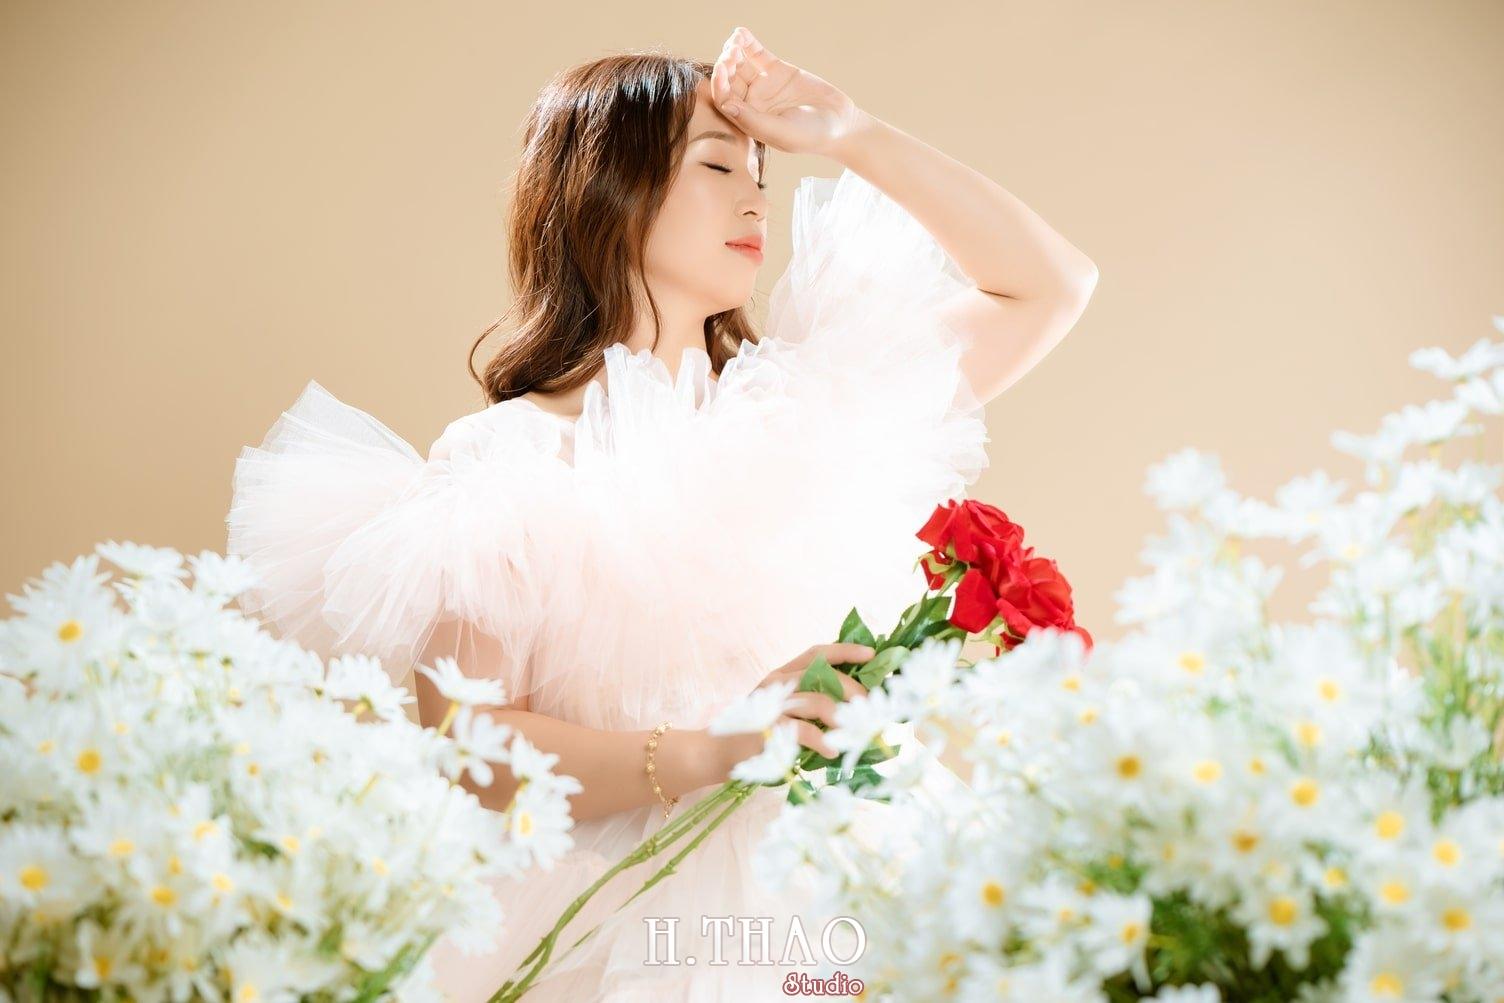 Anh Beauty 4 - Album ảnh beauty bé Sang đẹp nhẹ nhàng - HThao Studio